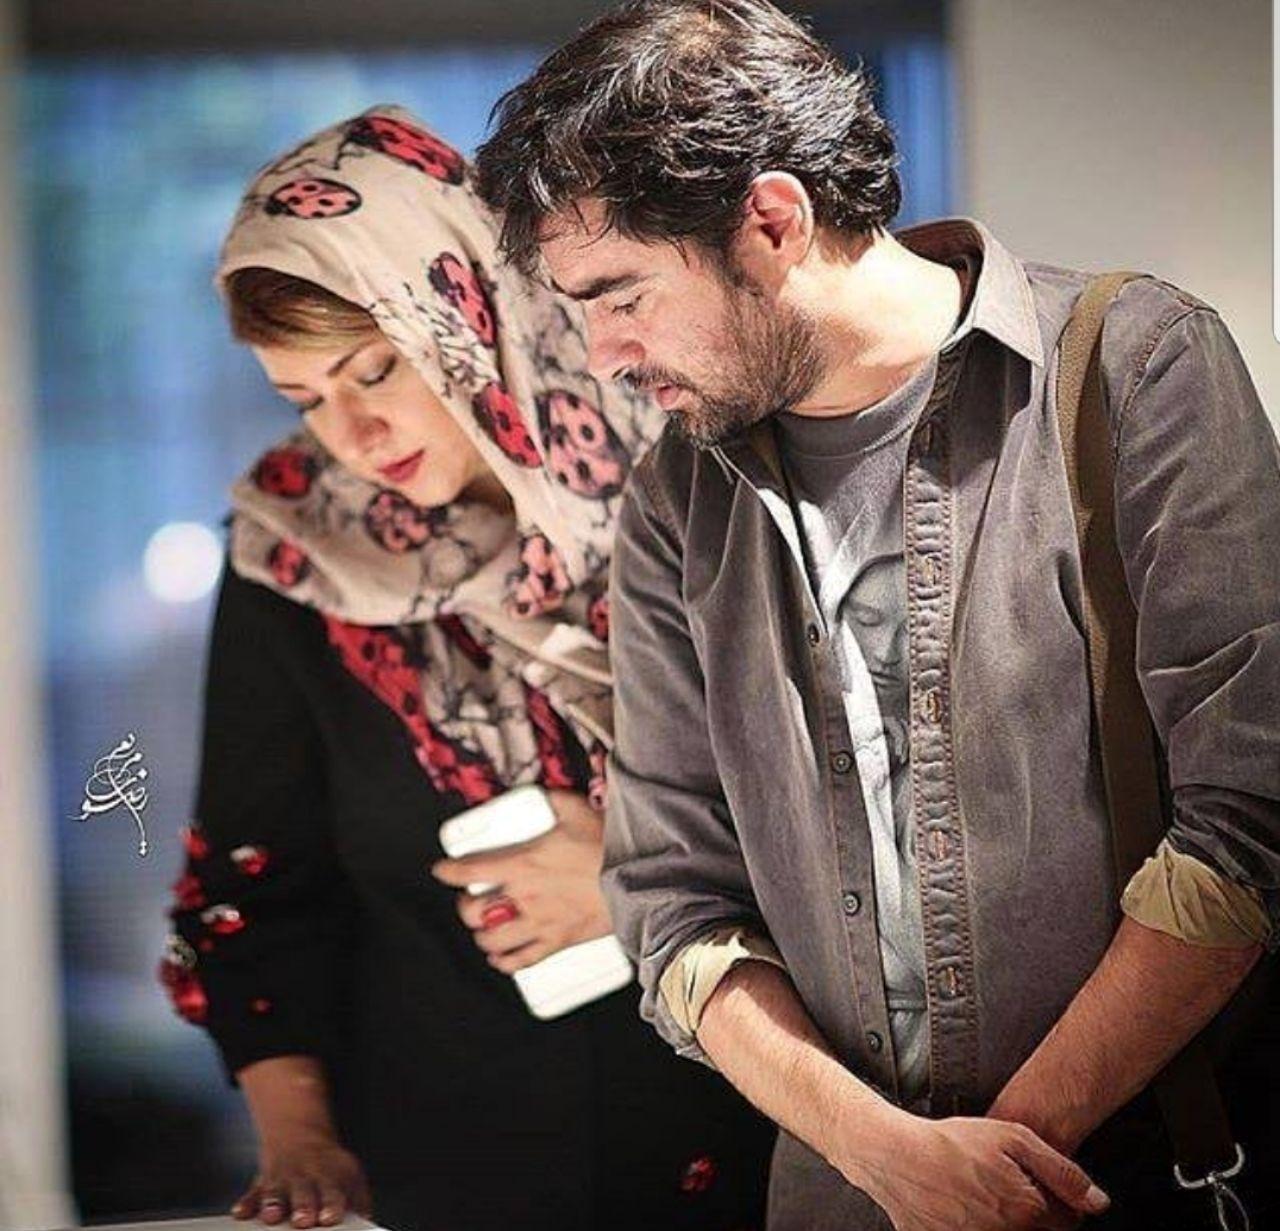 شهاب حسینی در کنار همسرش پریچهر قنبری /عکس   24 آنلاین